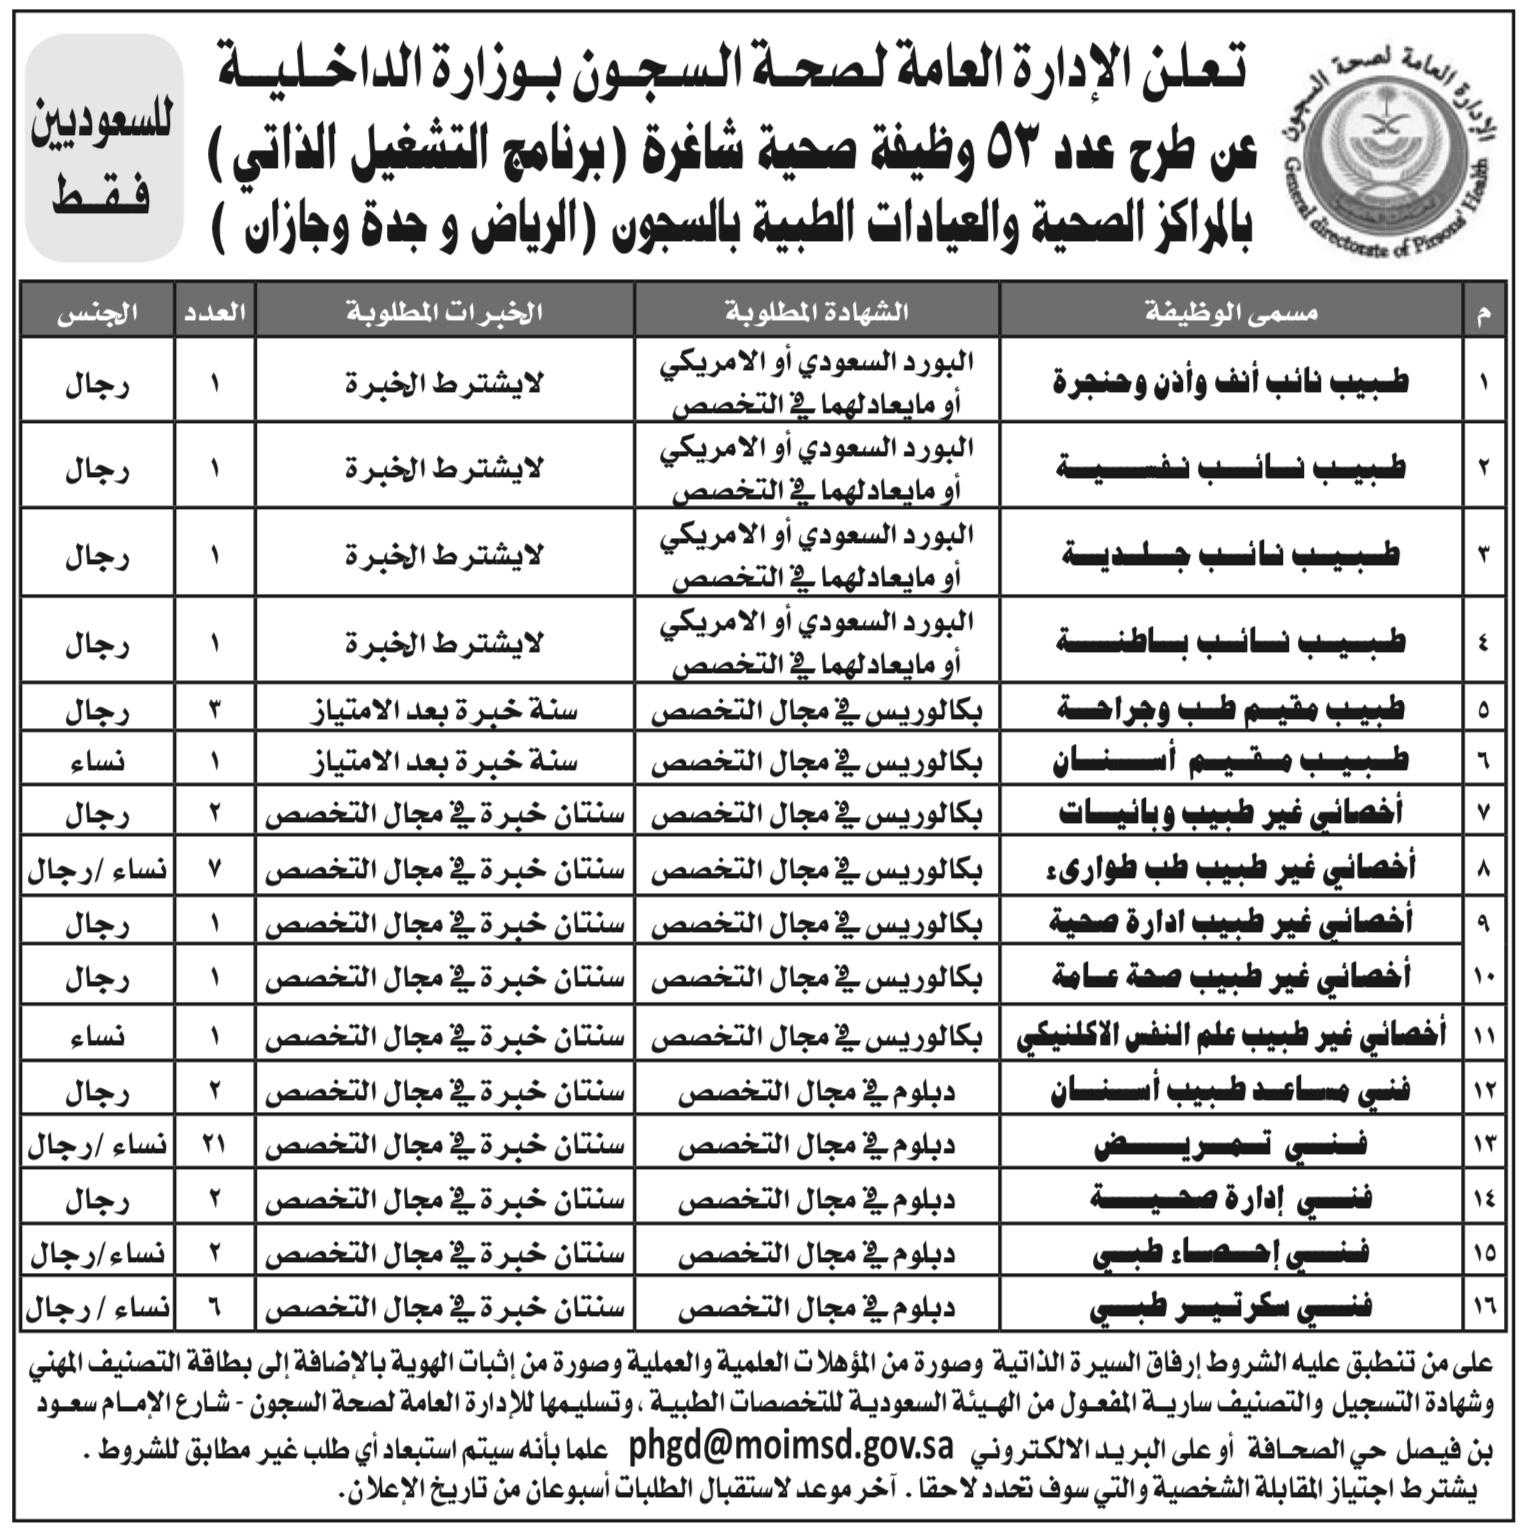 وظائف صحية في الإدارة العامة لصحة السجون بجدة الرياض وجازان 0124